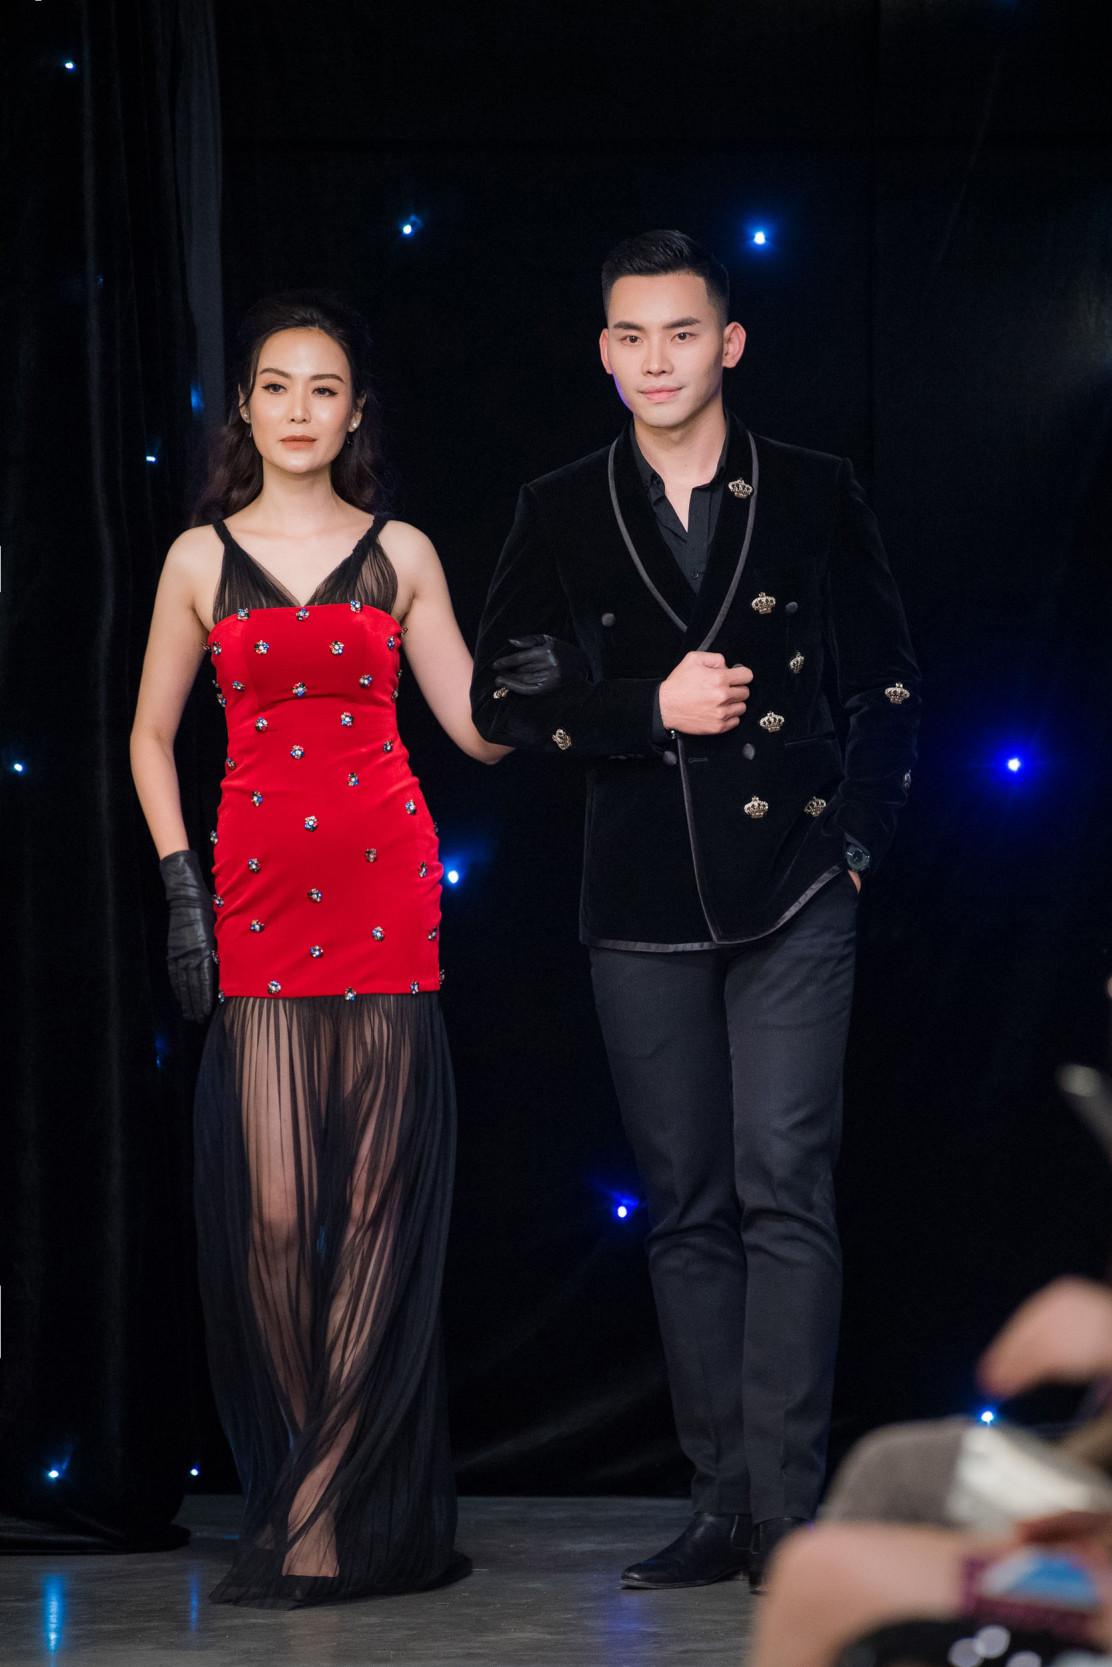 Hoa hậu Thu Thủy khiến nhiều người ngạc nhiên khi bất ngờ làm vedette trong show diễn thời trang. Người đẹp được MC Mạnh Khang dắt tay trên sàn catwalk ở phần kết của bộ sưu tập.